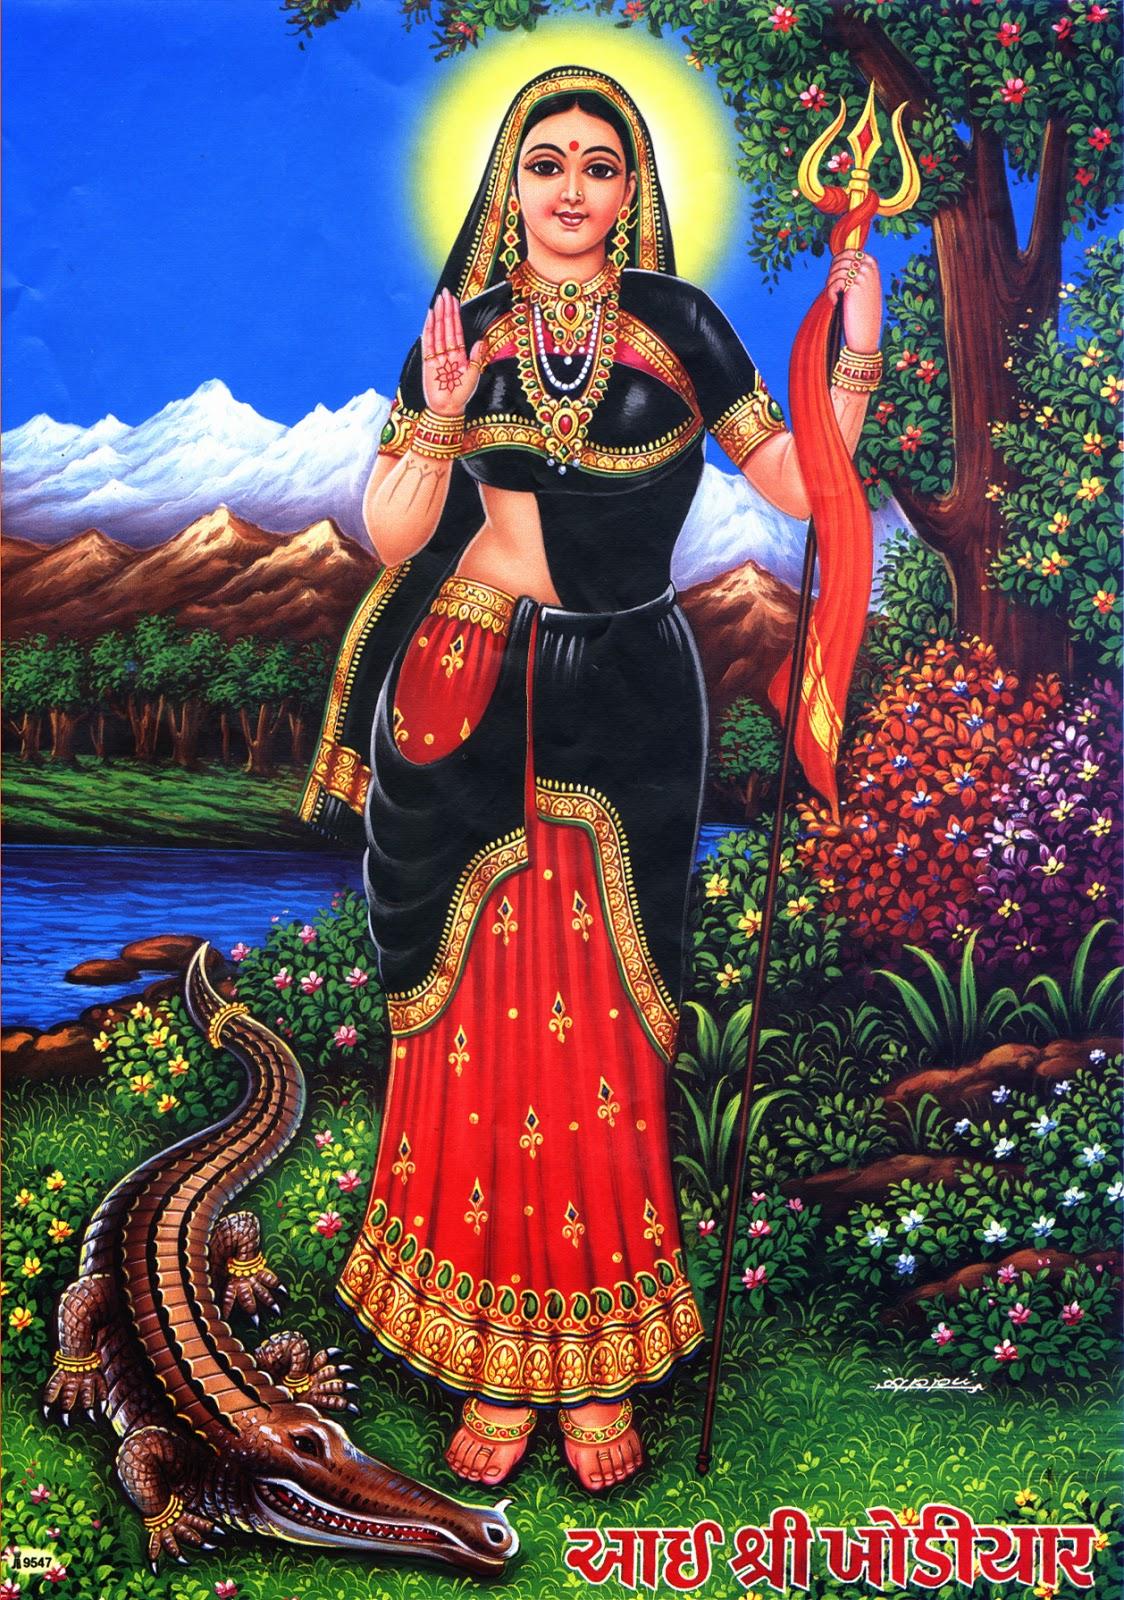 Khodiyar maa full hd pic - Khodiyar Mataji PNG